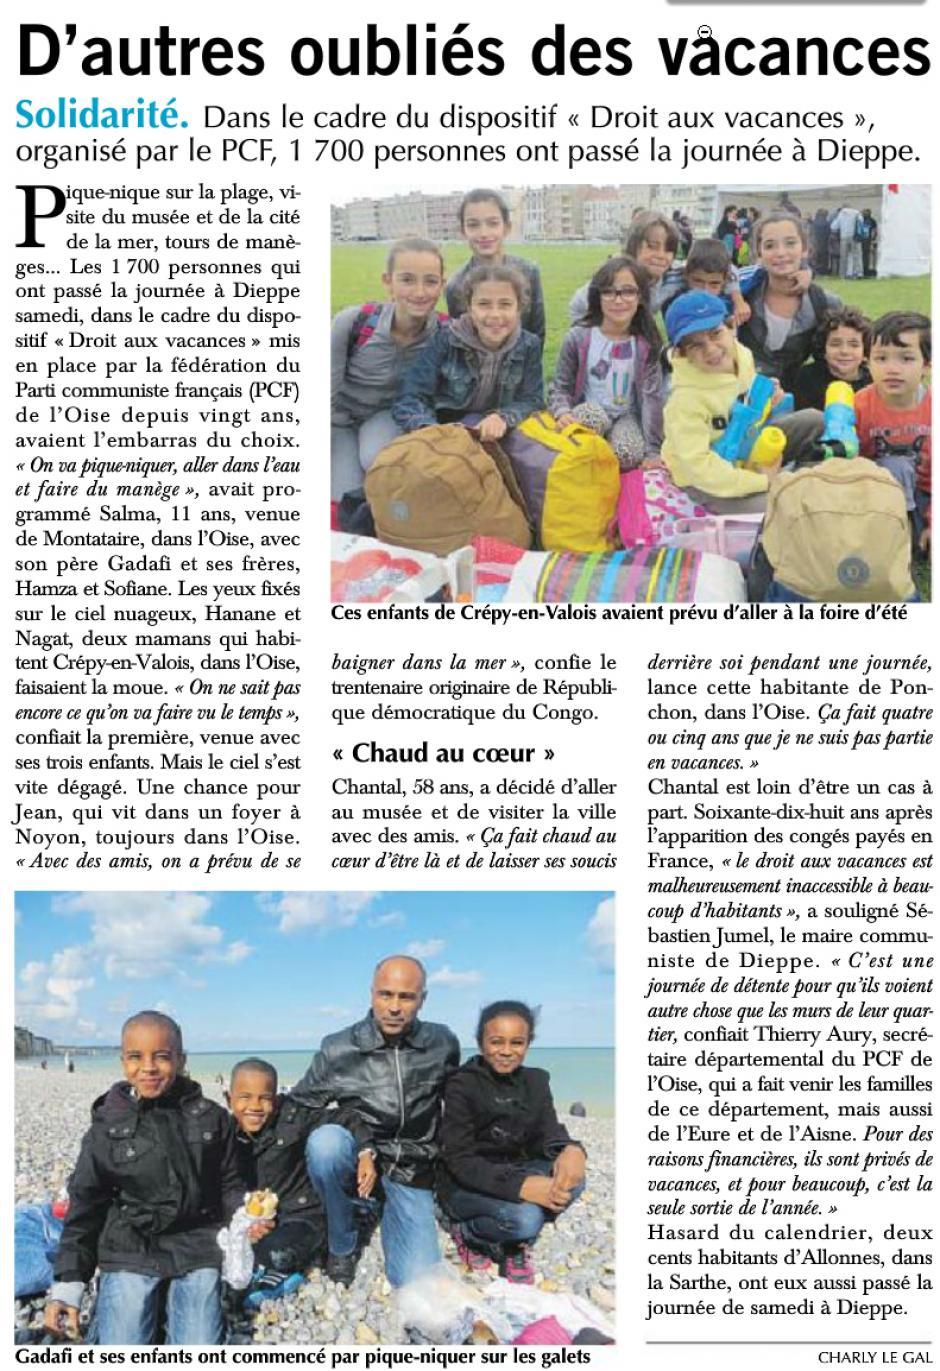 20140825-Paris-Normandie-Dieppe-D'autres oubliés des vacances